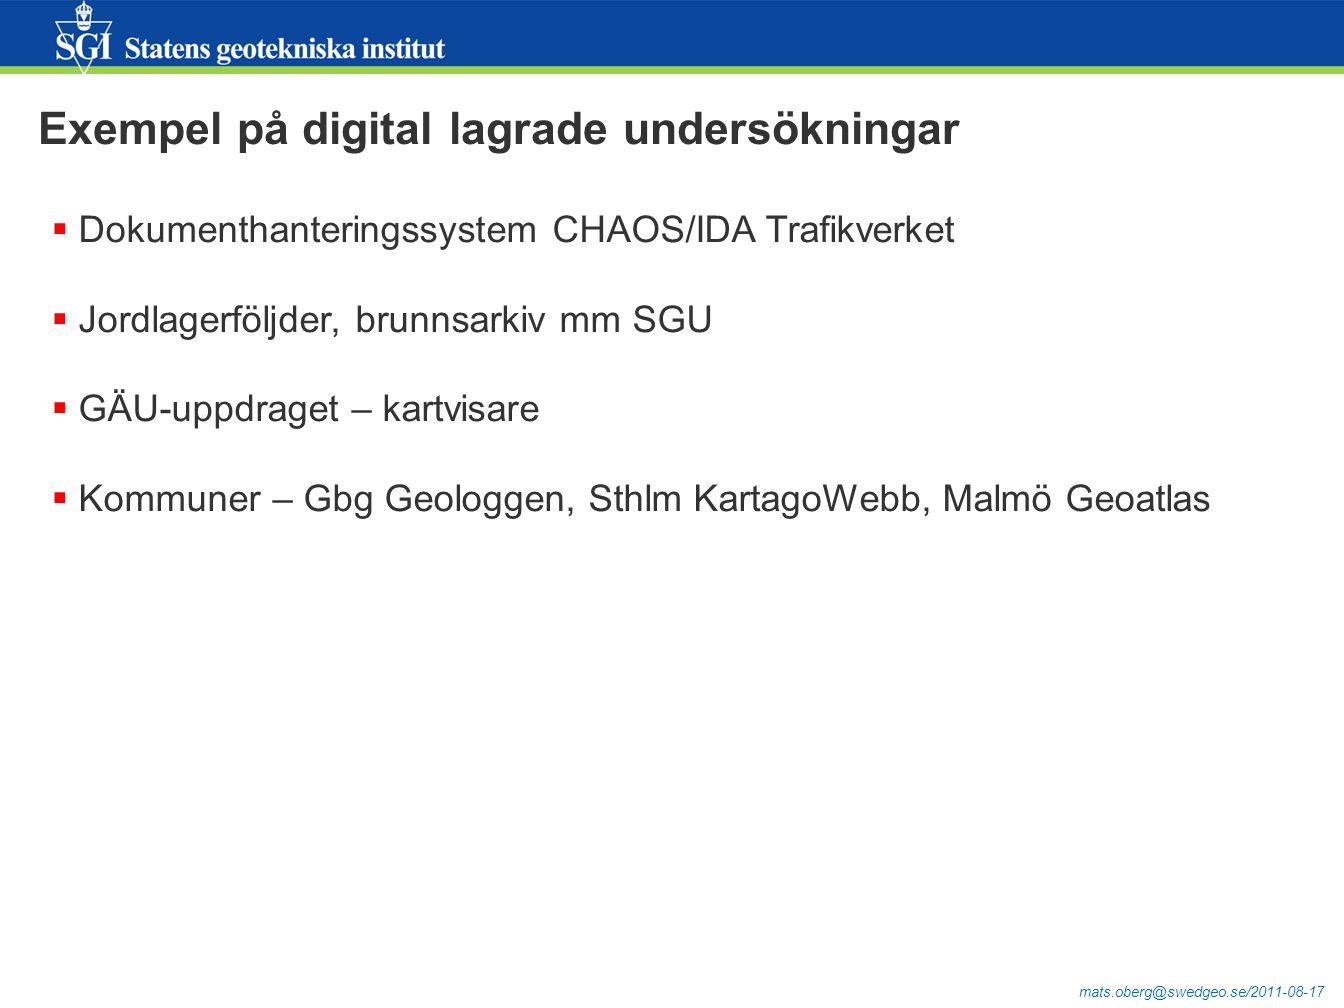 mats.oberg@swedgeo.se/2011-08-17 Exempel på digital lagrade undersökningar  Dokumenthanteringssystem CHAOS/IDA Trafikverket  Jordlagerföljder, brunnsarkiv mm SGU  GÄU-uppdraget – kartvisare  Kommuner – Gbg Geologgen, Sthlm KartagoWebb, Malmö Geoatlas